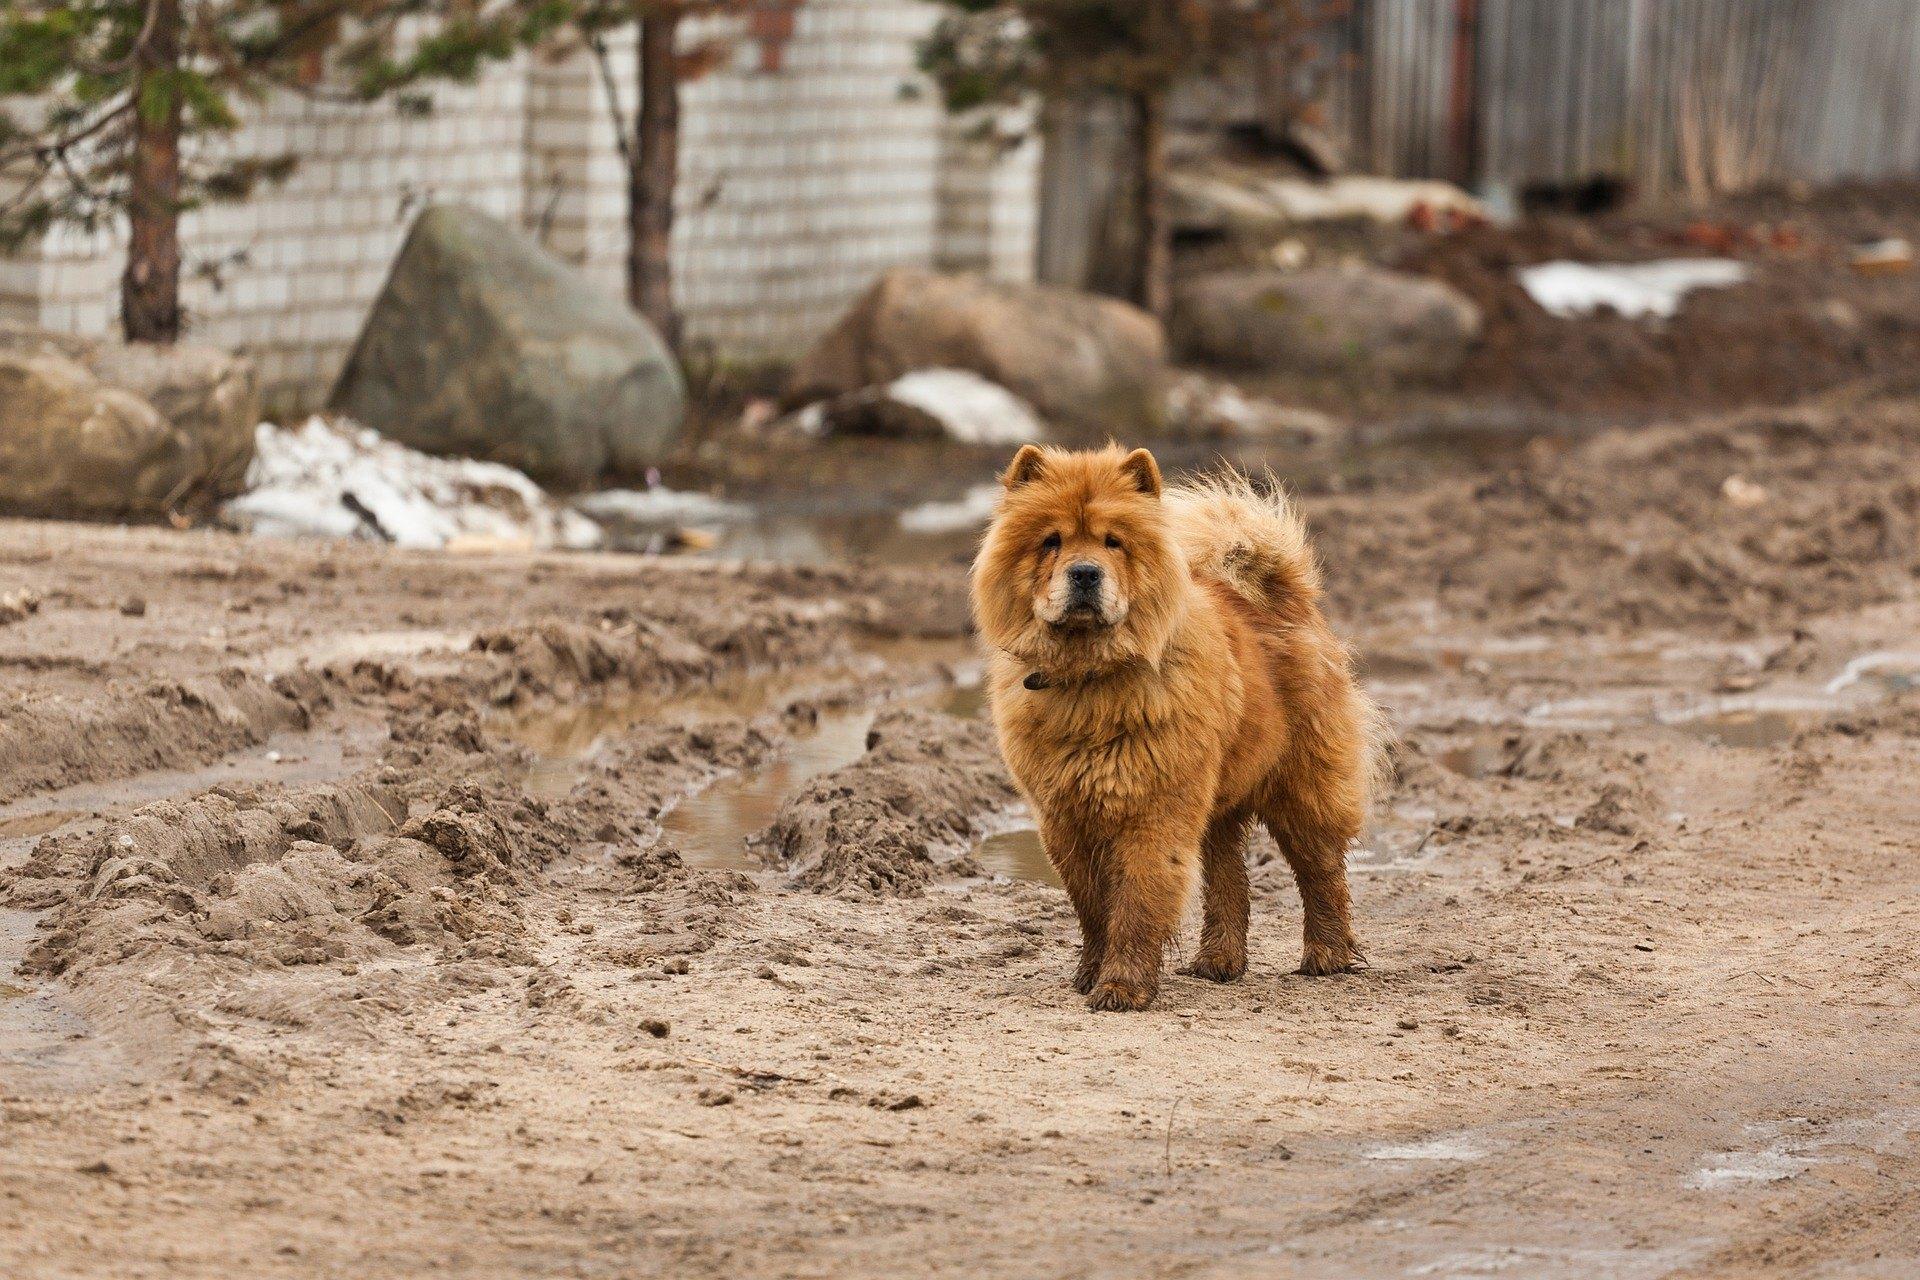 Chow Chow je psí plemeno původem z Číny, které se vyznačuje načechranou srstí a mírně modrým jazykem.